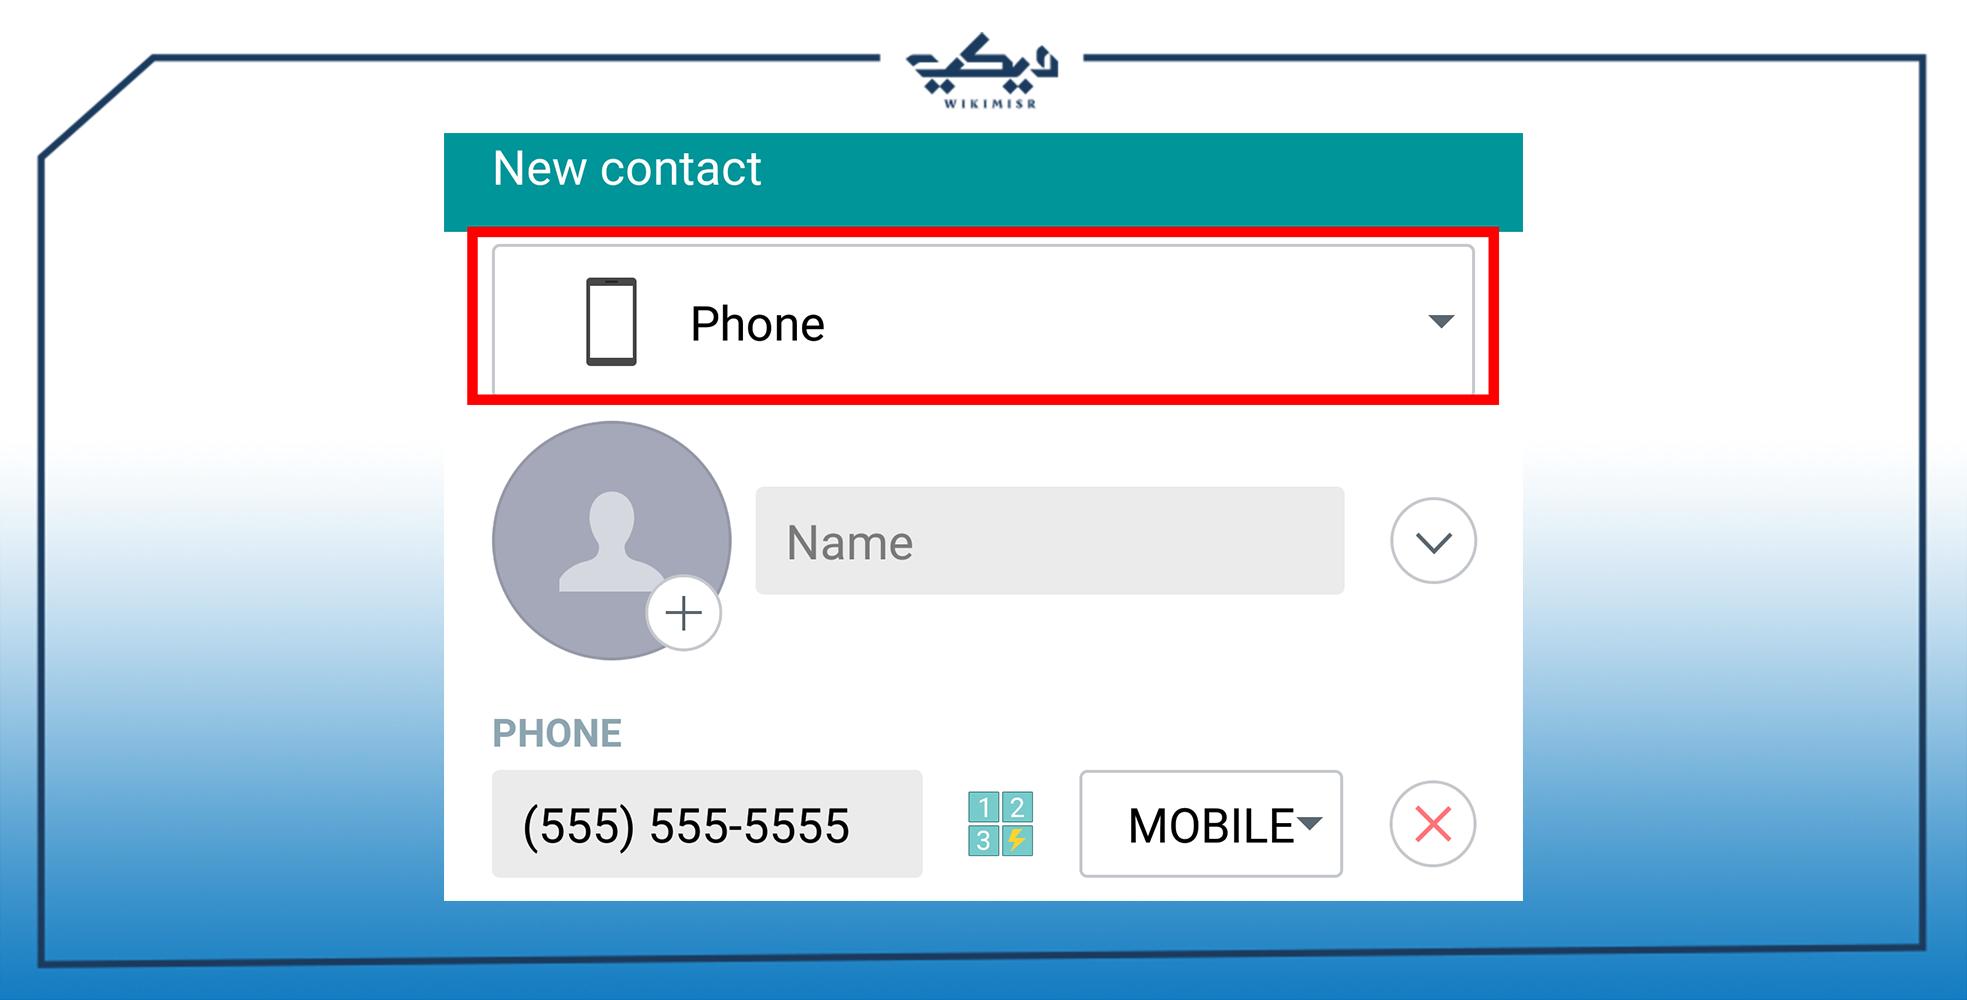 تسجيل الرقم واسم صاحبه في جهات الاتصال على الهاتف